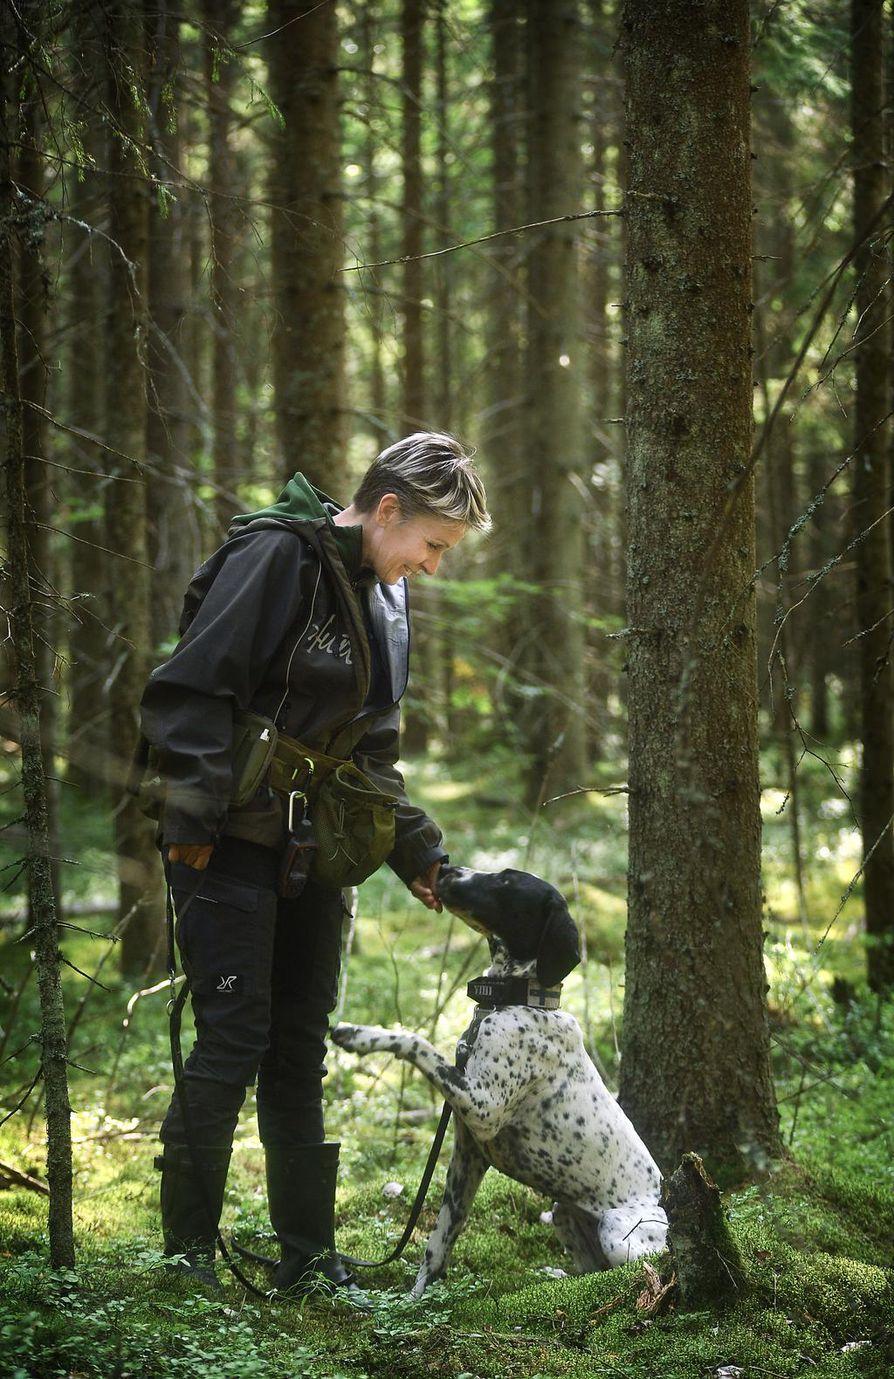 Metsässä leijuu valtava hajusekoitus. Tanja Karpelan mukaan yksi haaste koulutuksessa on saada koira kokemaan palkitseviksi myös hajut, jotka eivät sitä luontaisesti kiinnosta.